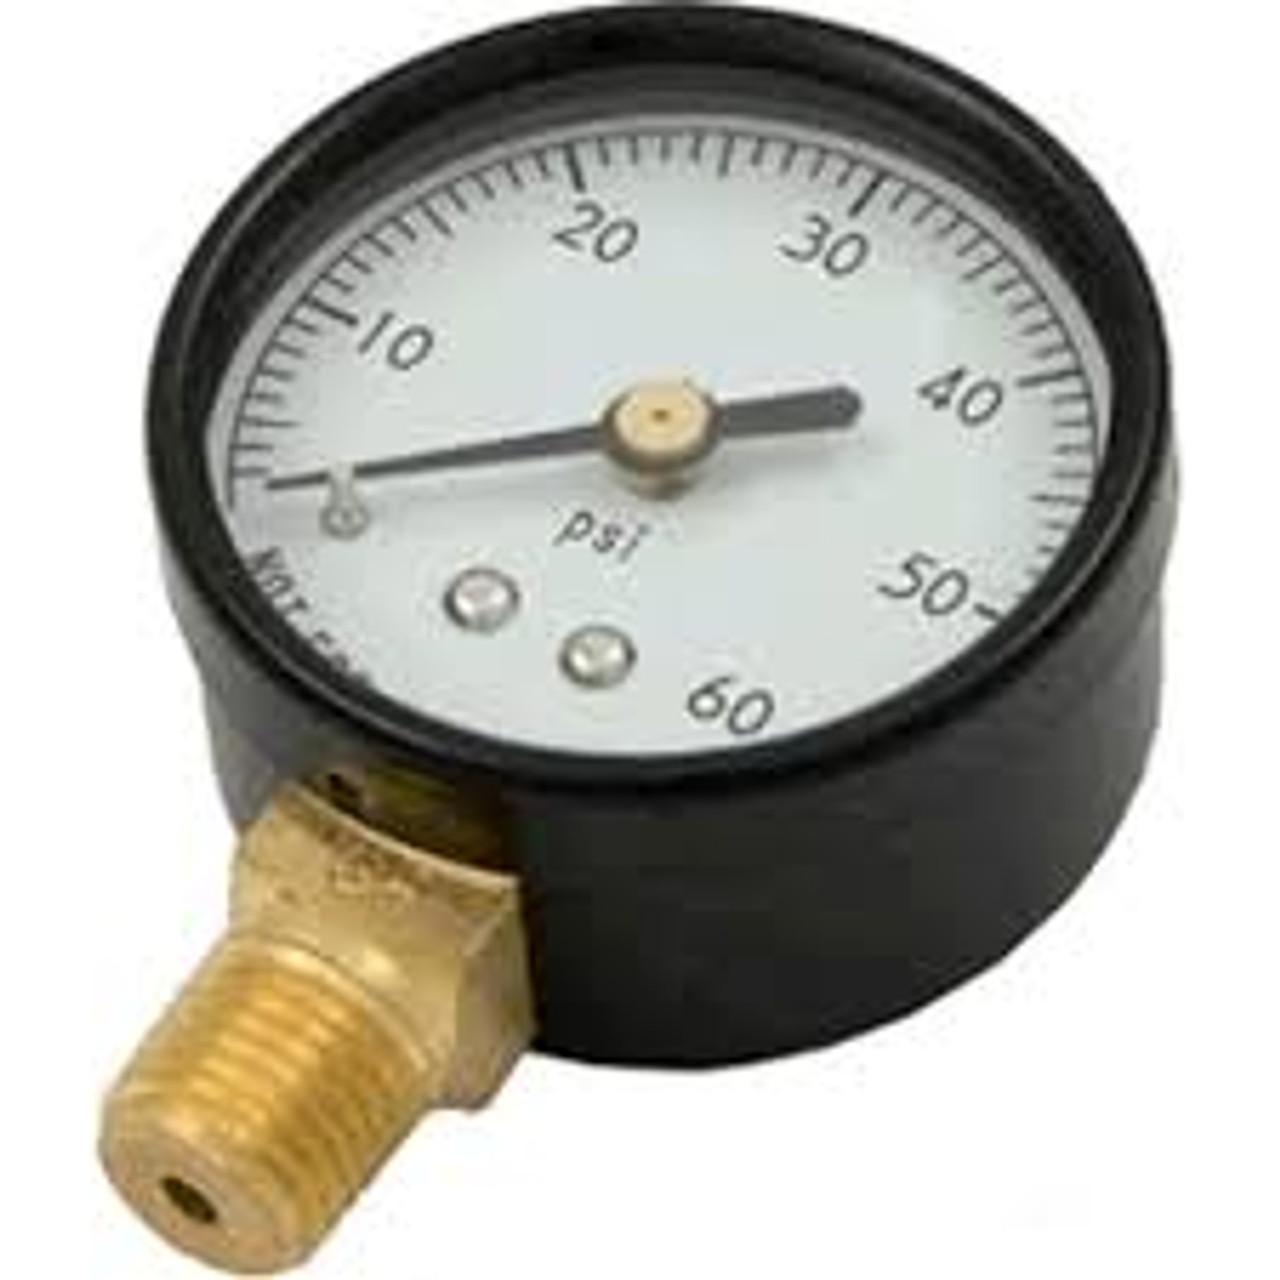 Pressure Gauge BM 0-60